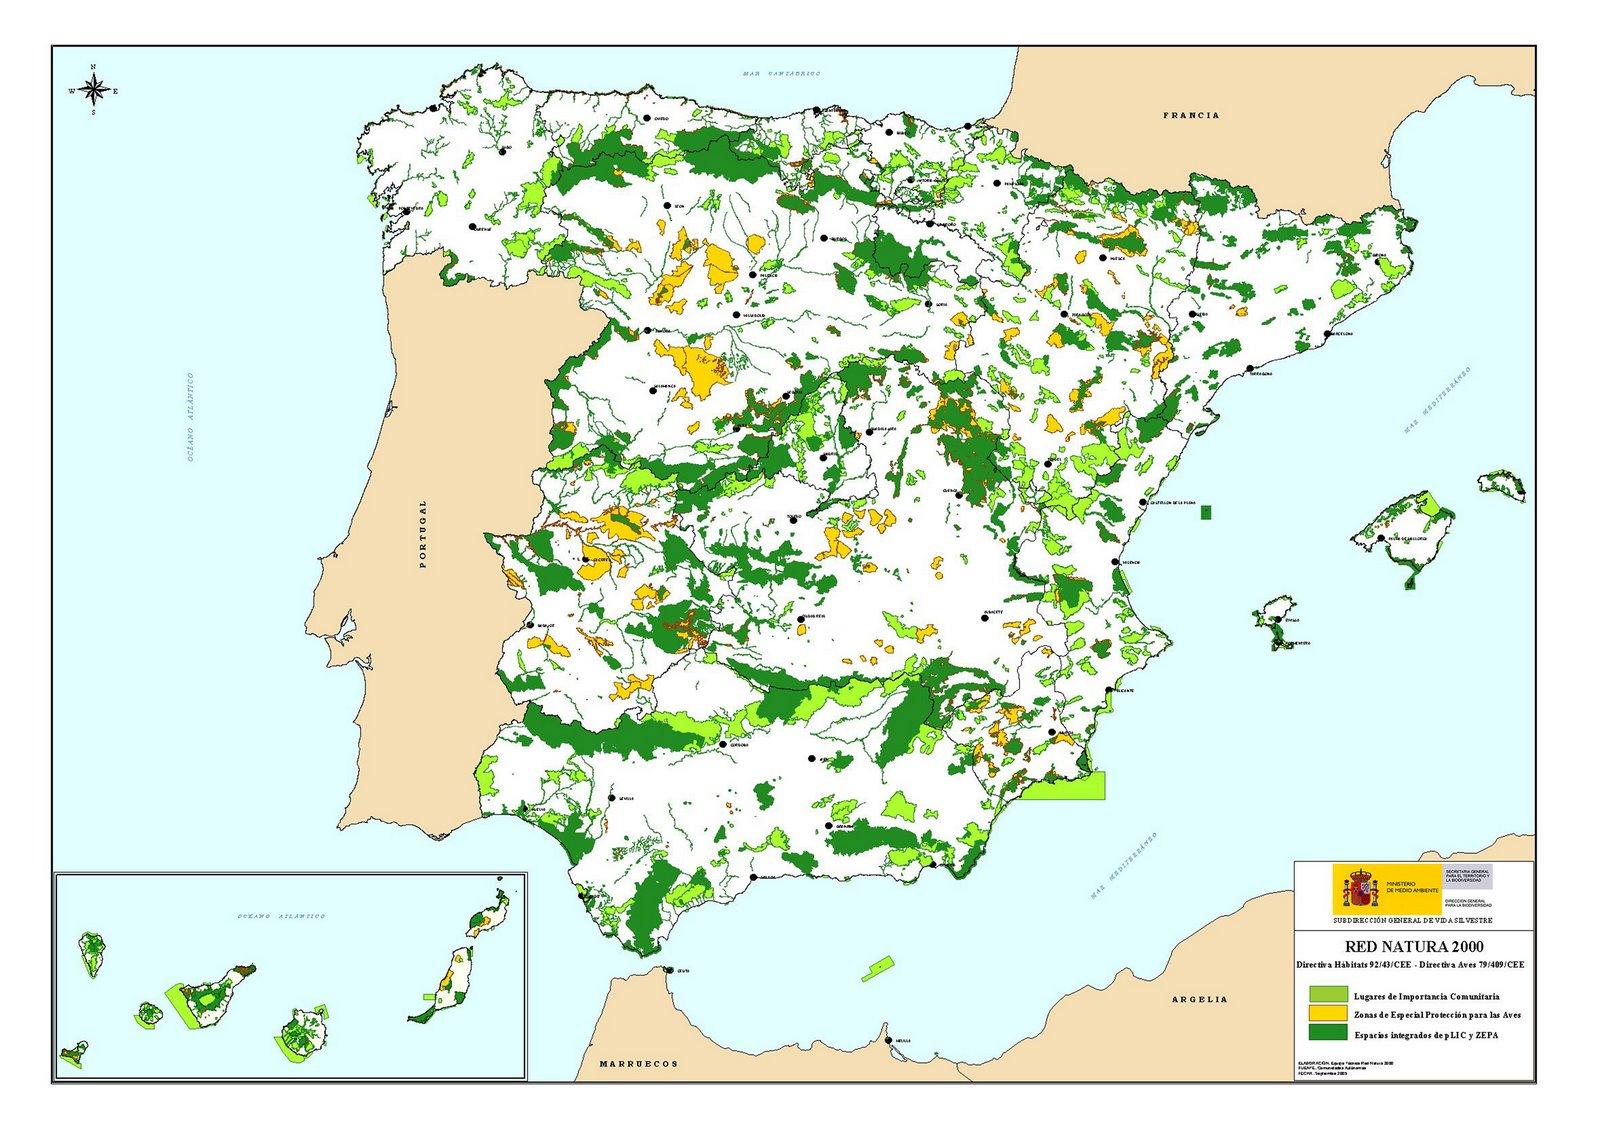 España, el país europeo que más superficie aporta a la Red Natura 2000